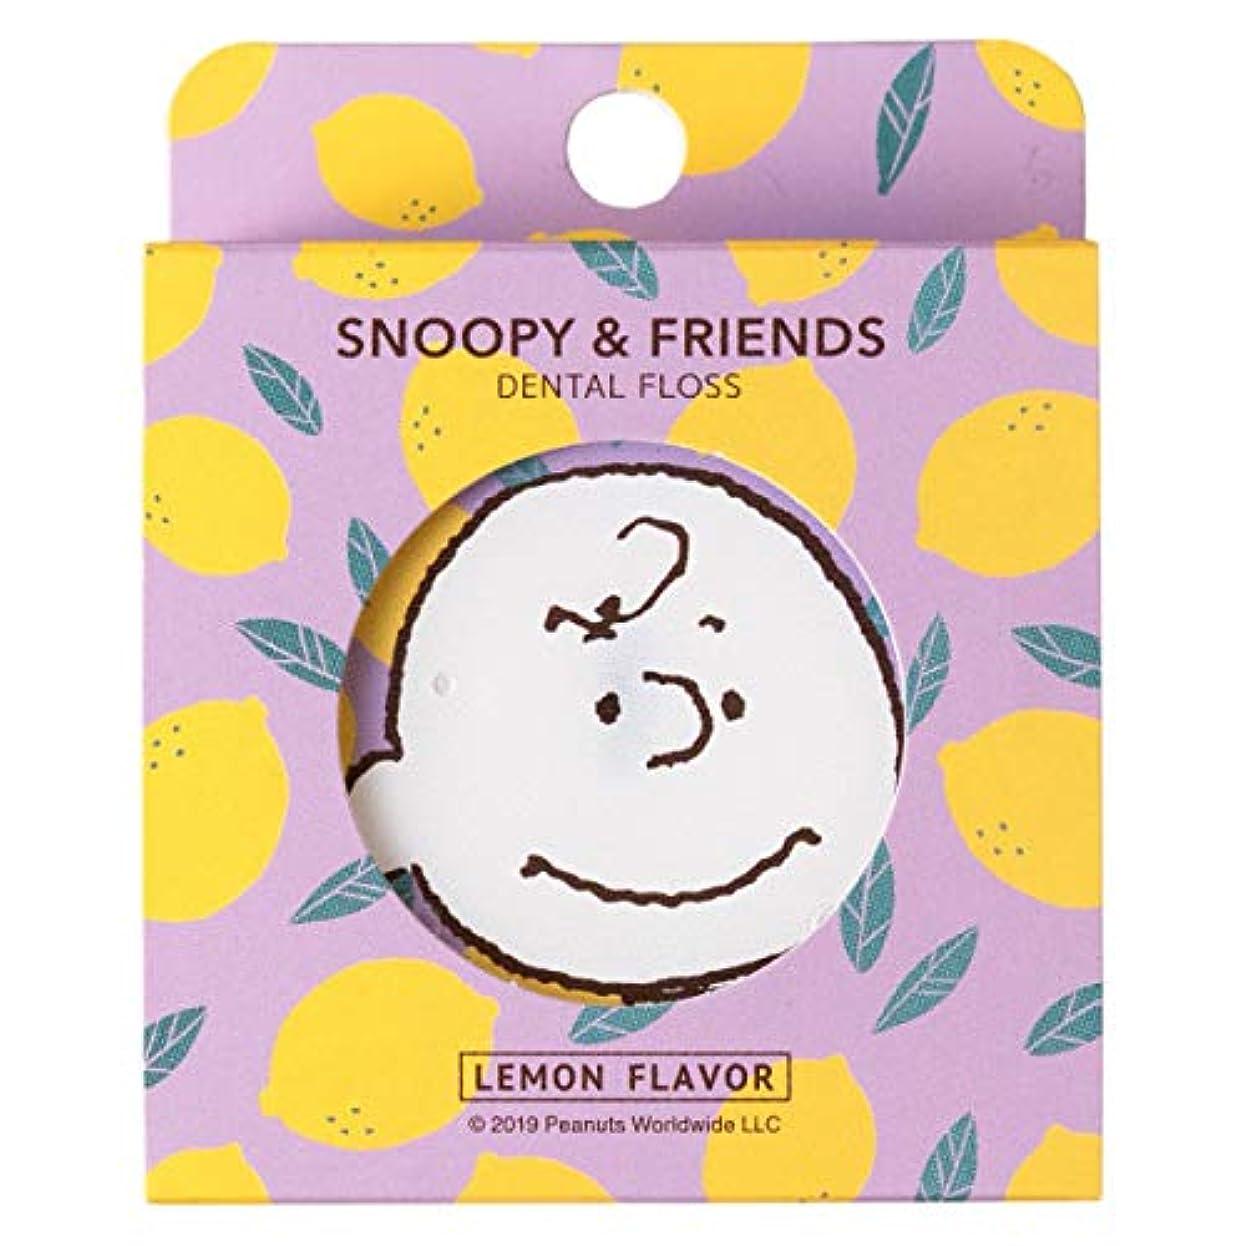 ガウン秘密の反動FINE(ファイン) スヌーピー&フレンズ デンタルフロス 約3ヶ月分 レモンの香り 50m